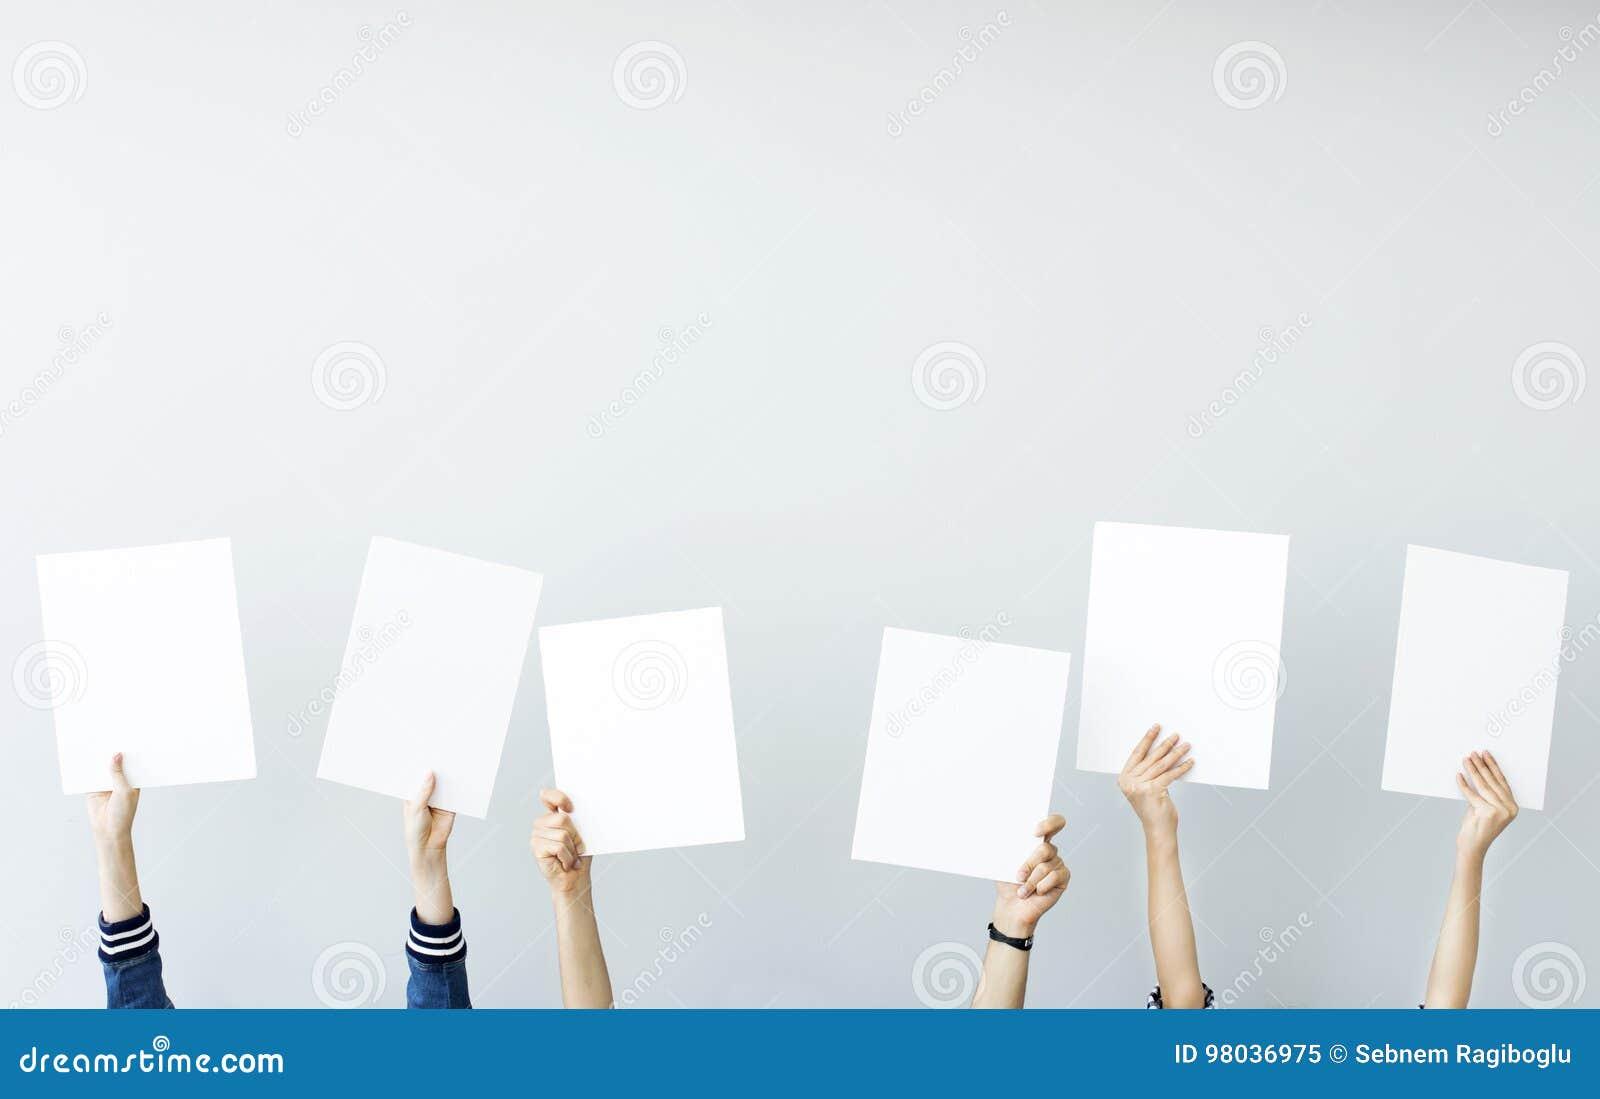 Mãos que prendem bandeiras